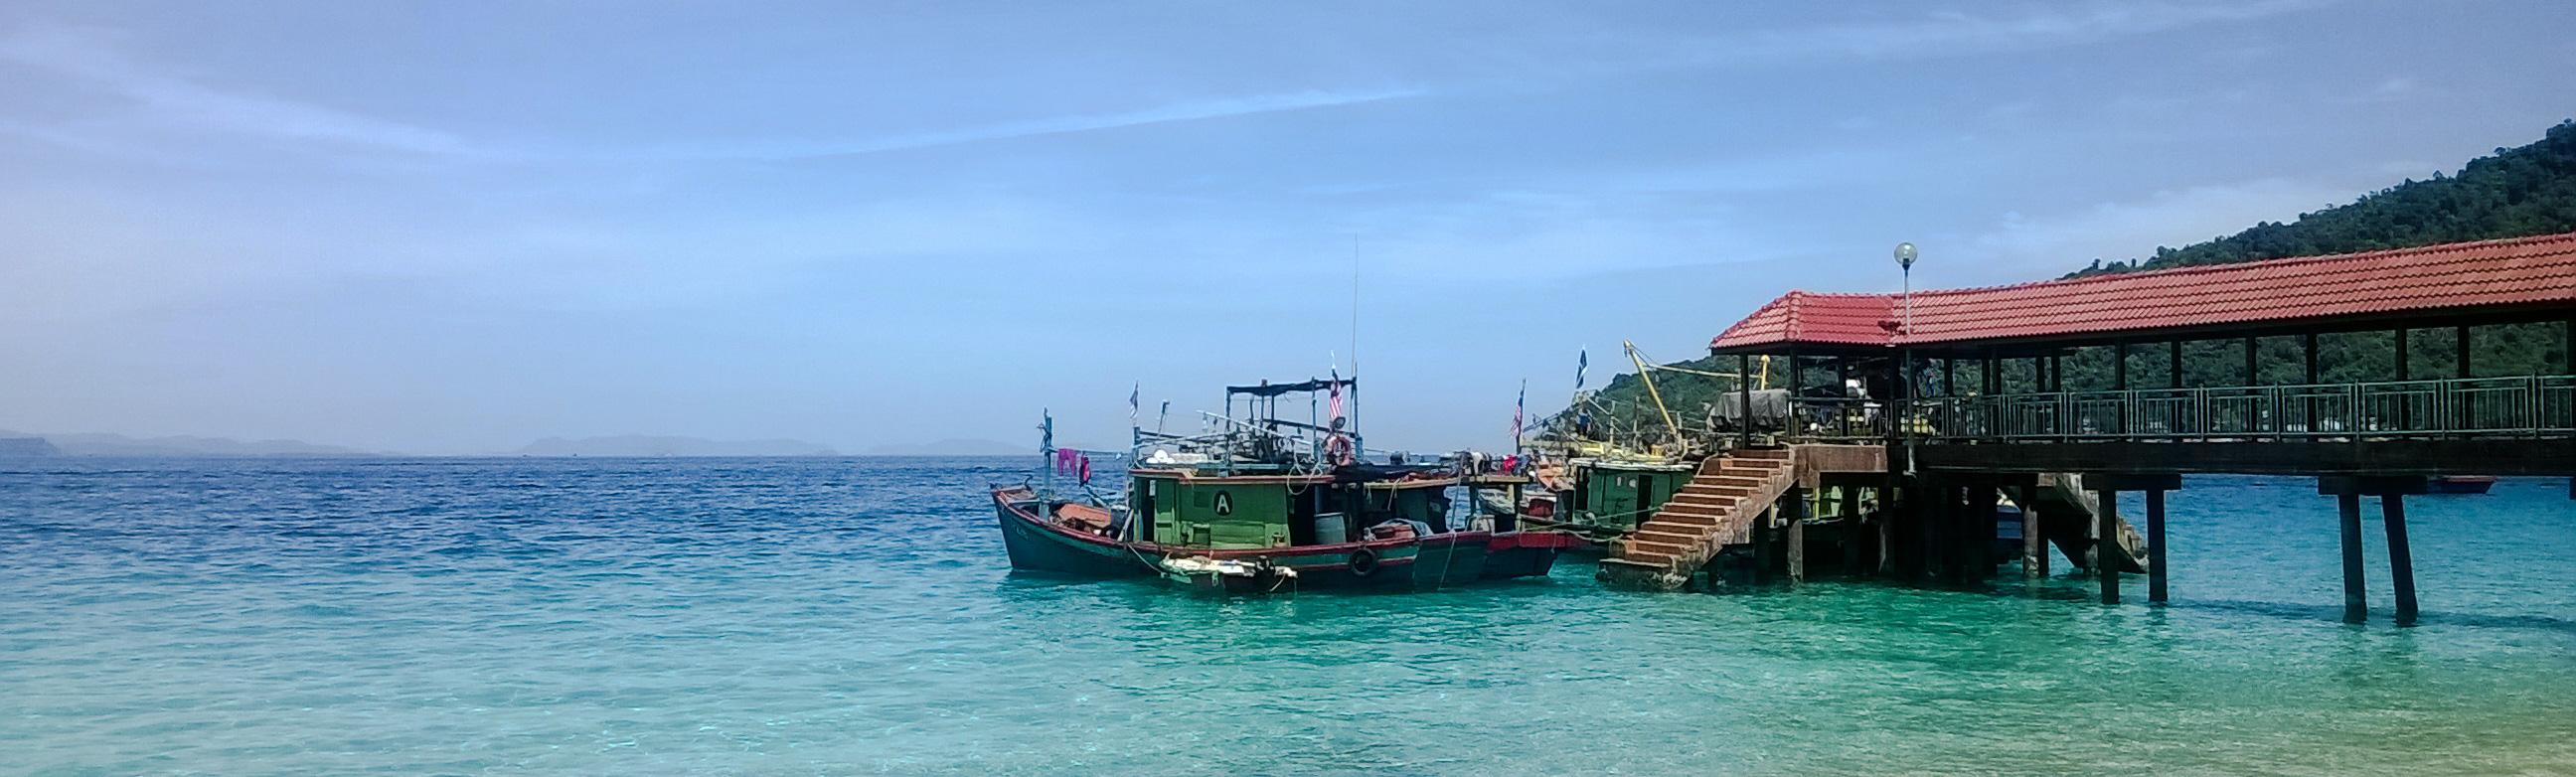 Image d'un bateau sur la plage de pulau Besar